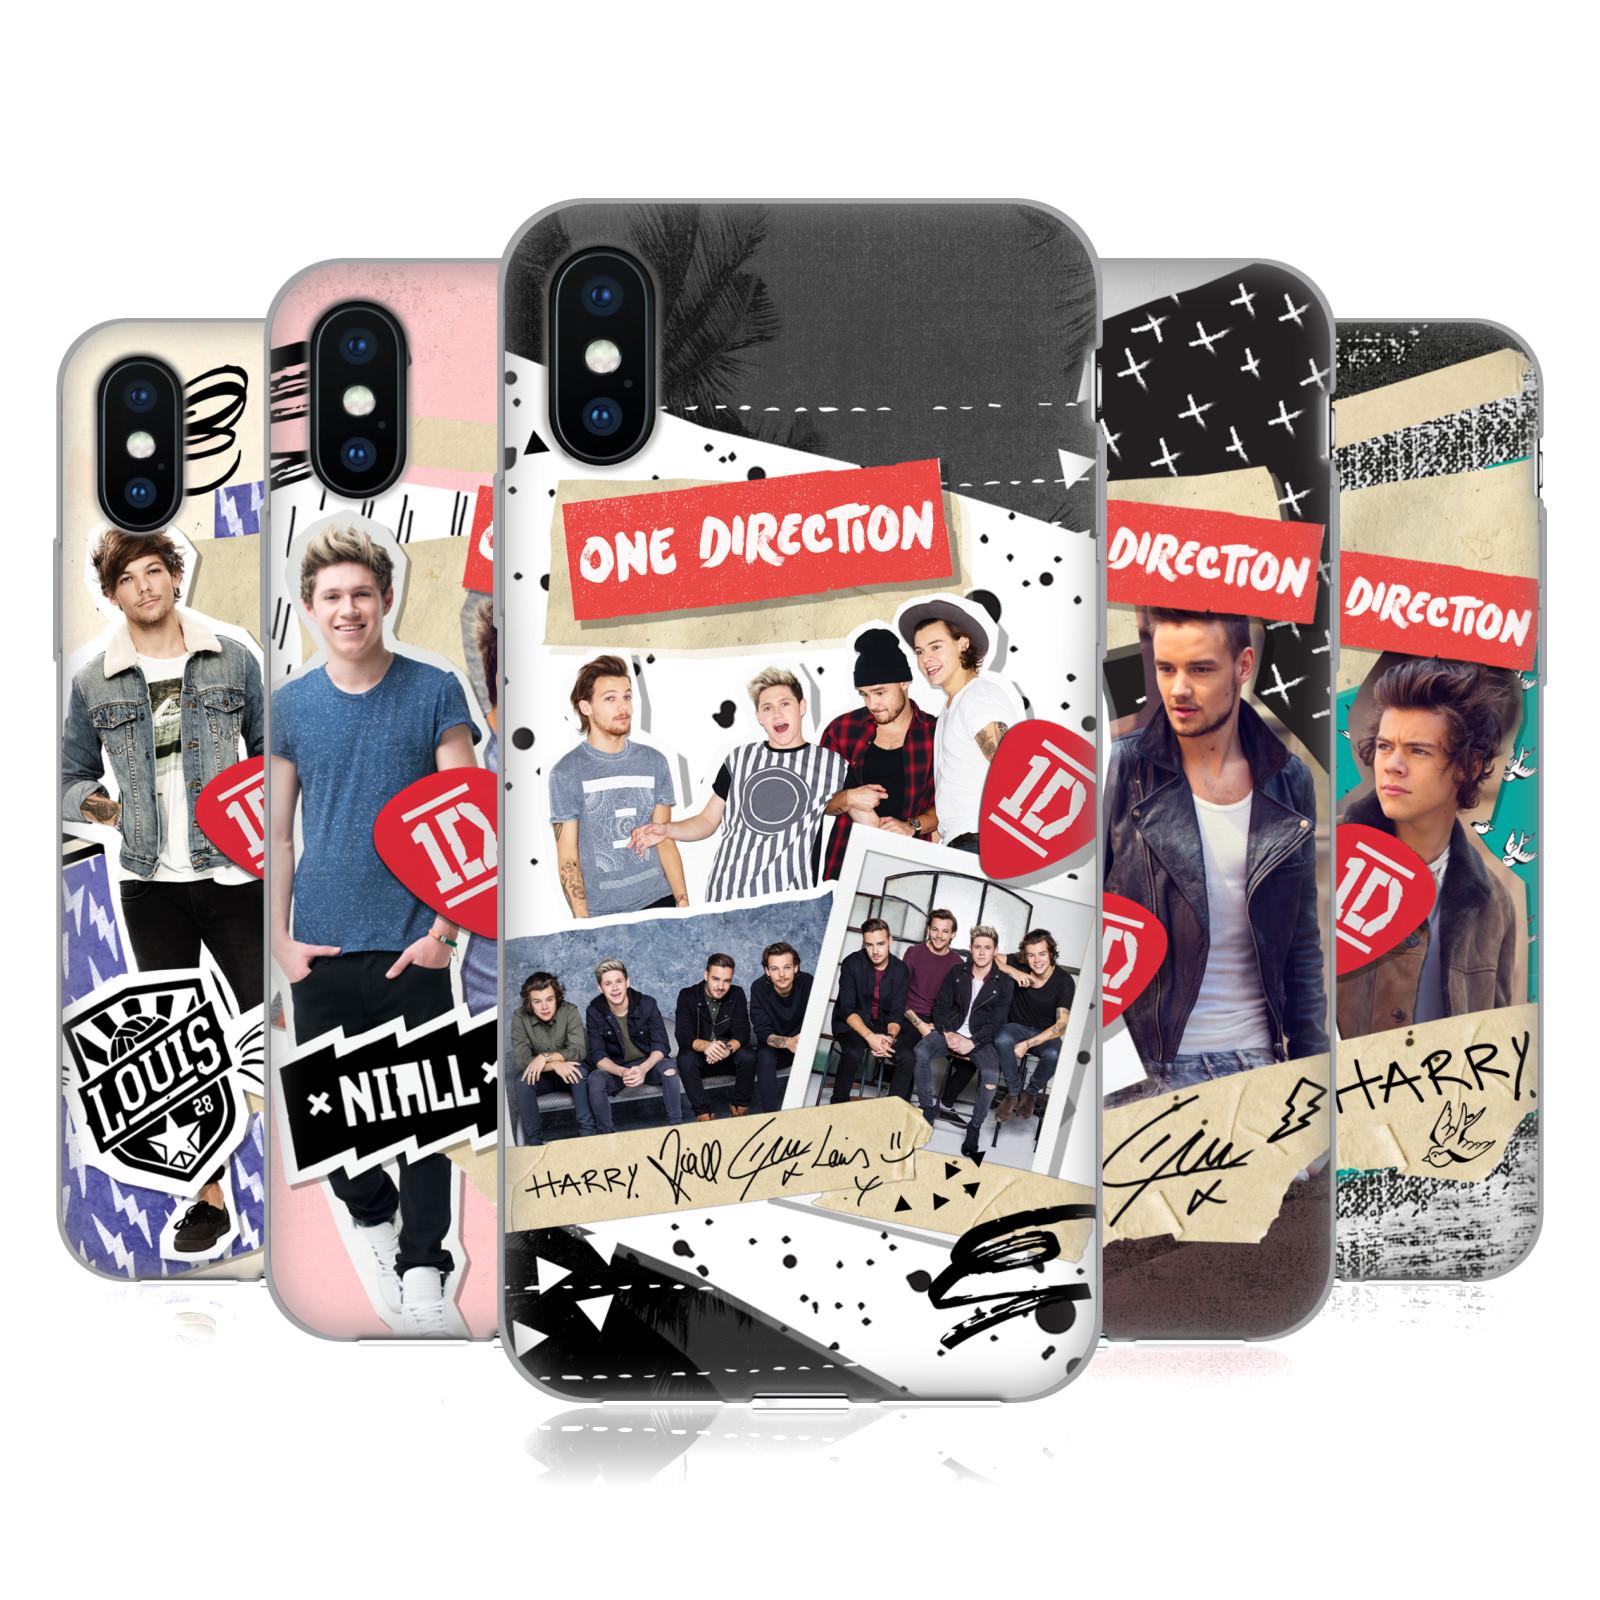 One Direction Fan Art Designs